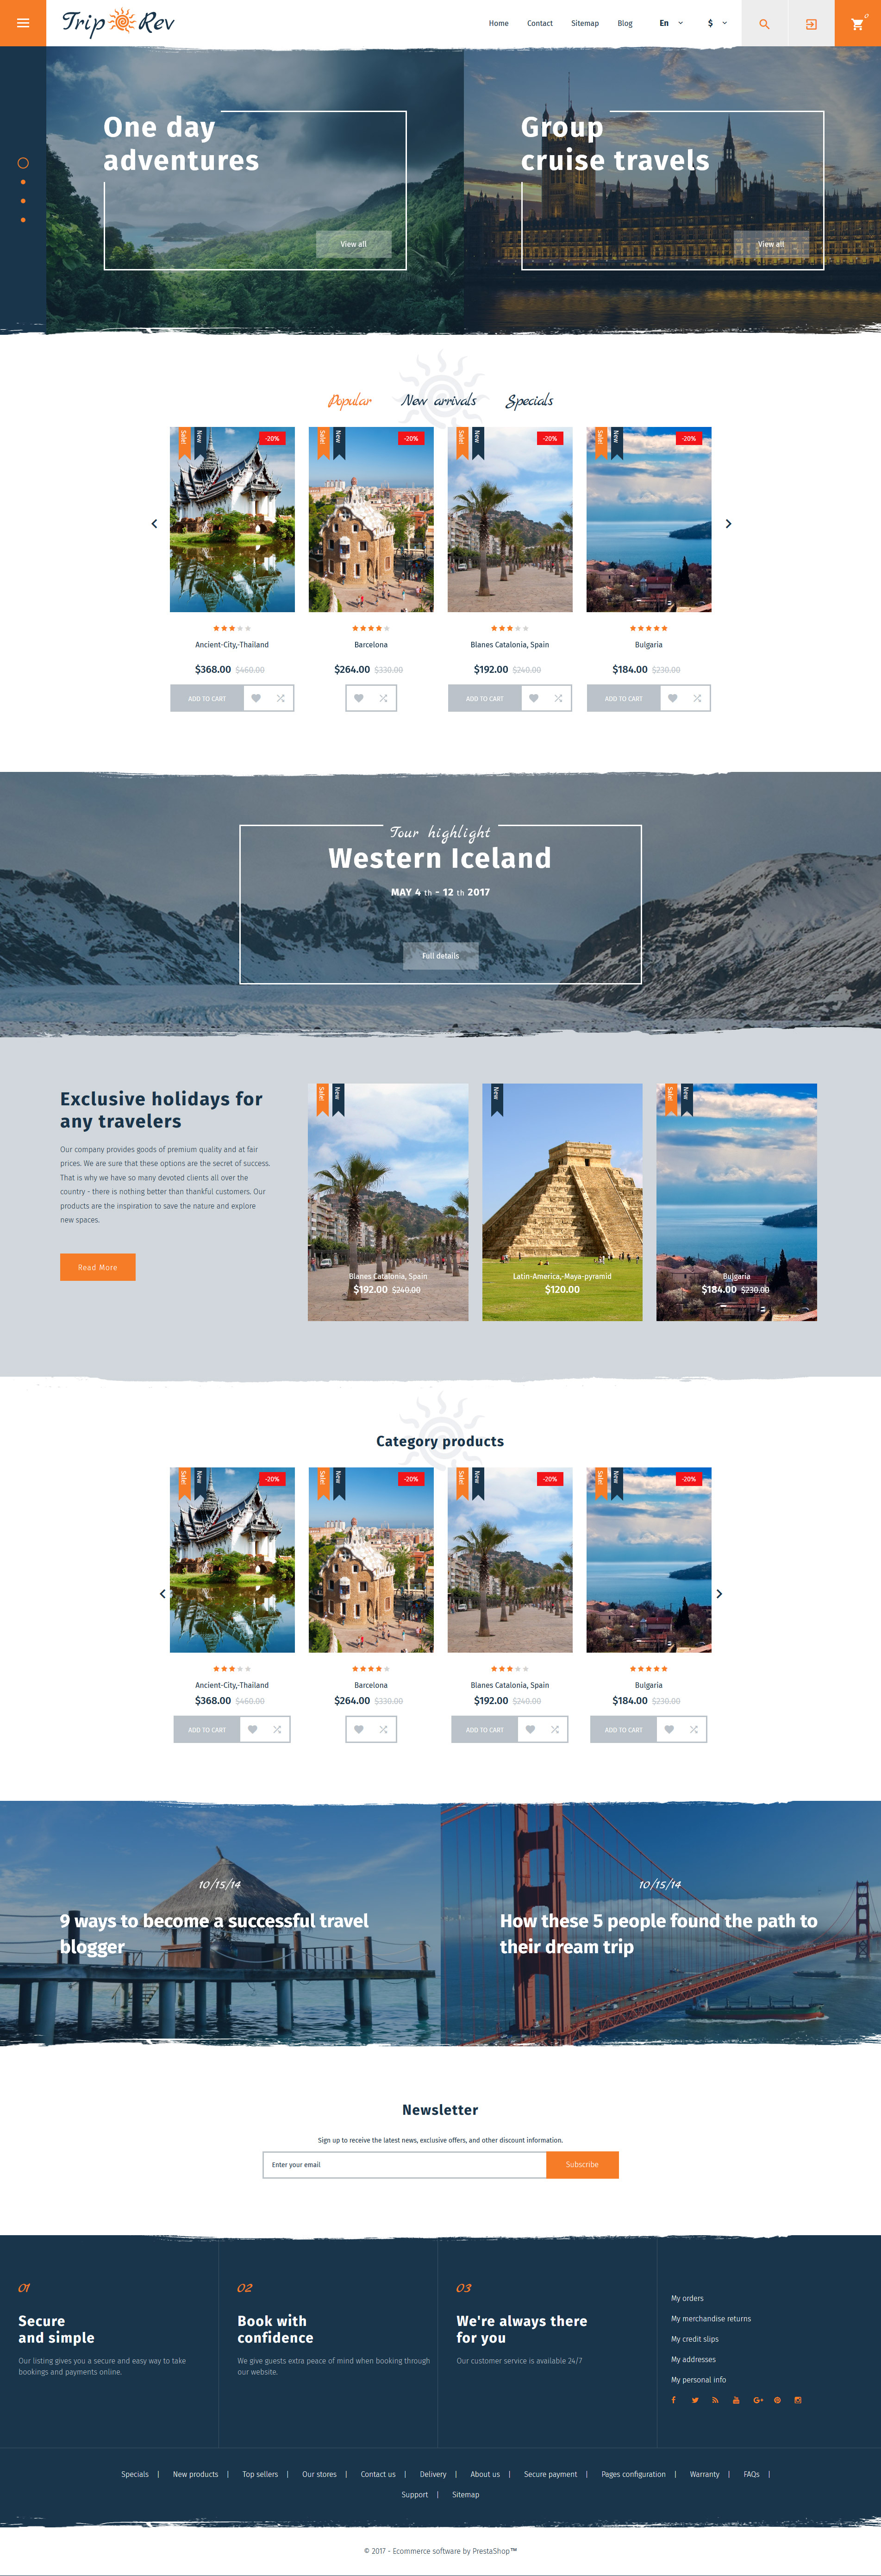 Responsywny szablon PrestaShop TripRev - Travel Responsive #62261 - zrzut ekranu